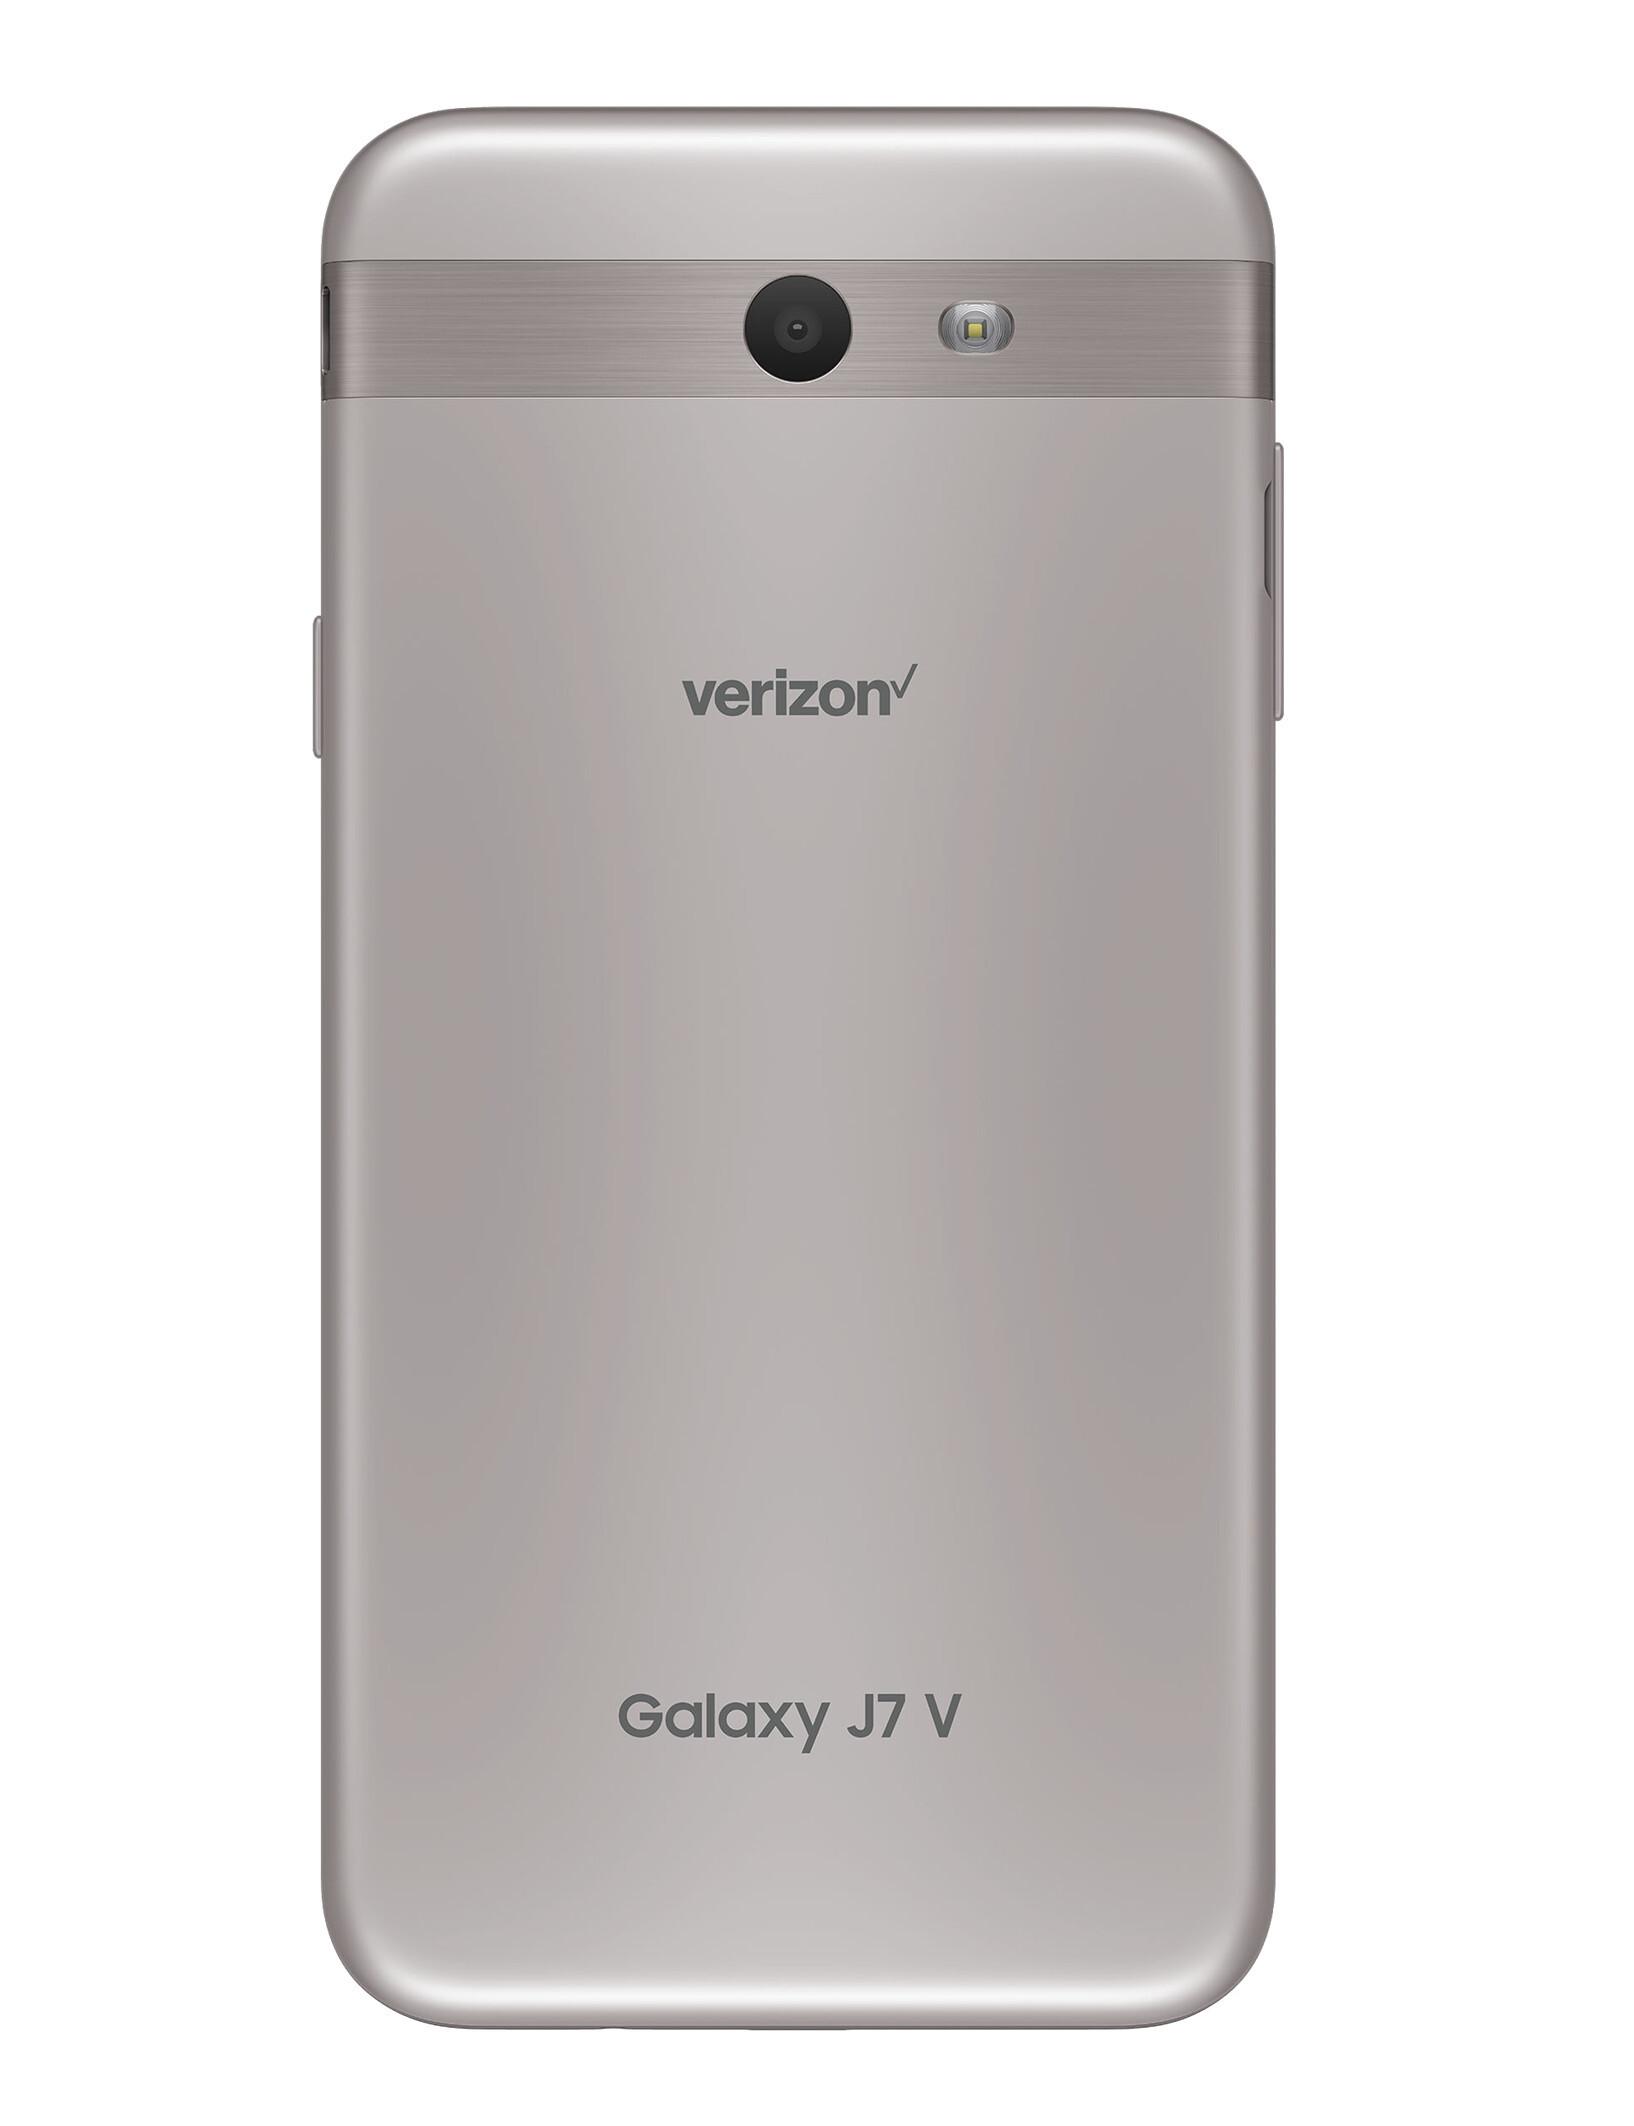 Samsung Galaxy J7 V Specs